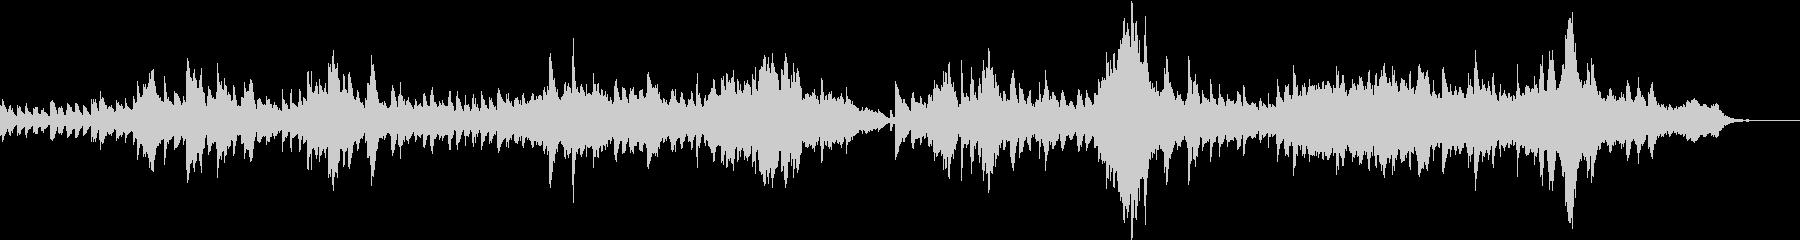 ワルツのメロディーでノスタルジック...の未再生の波形